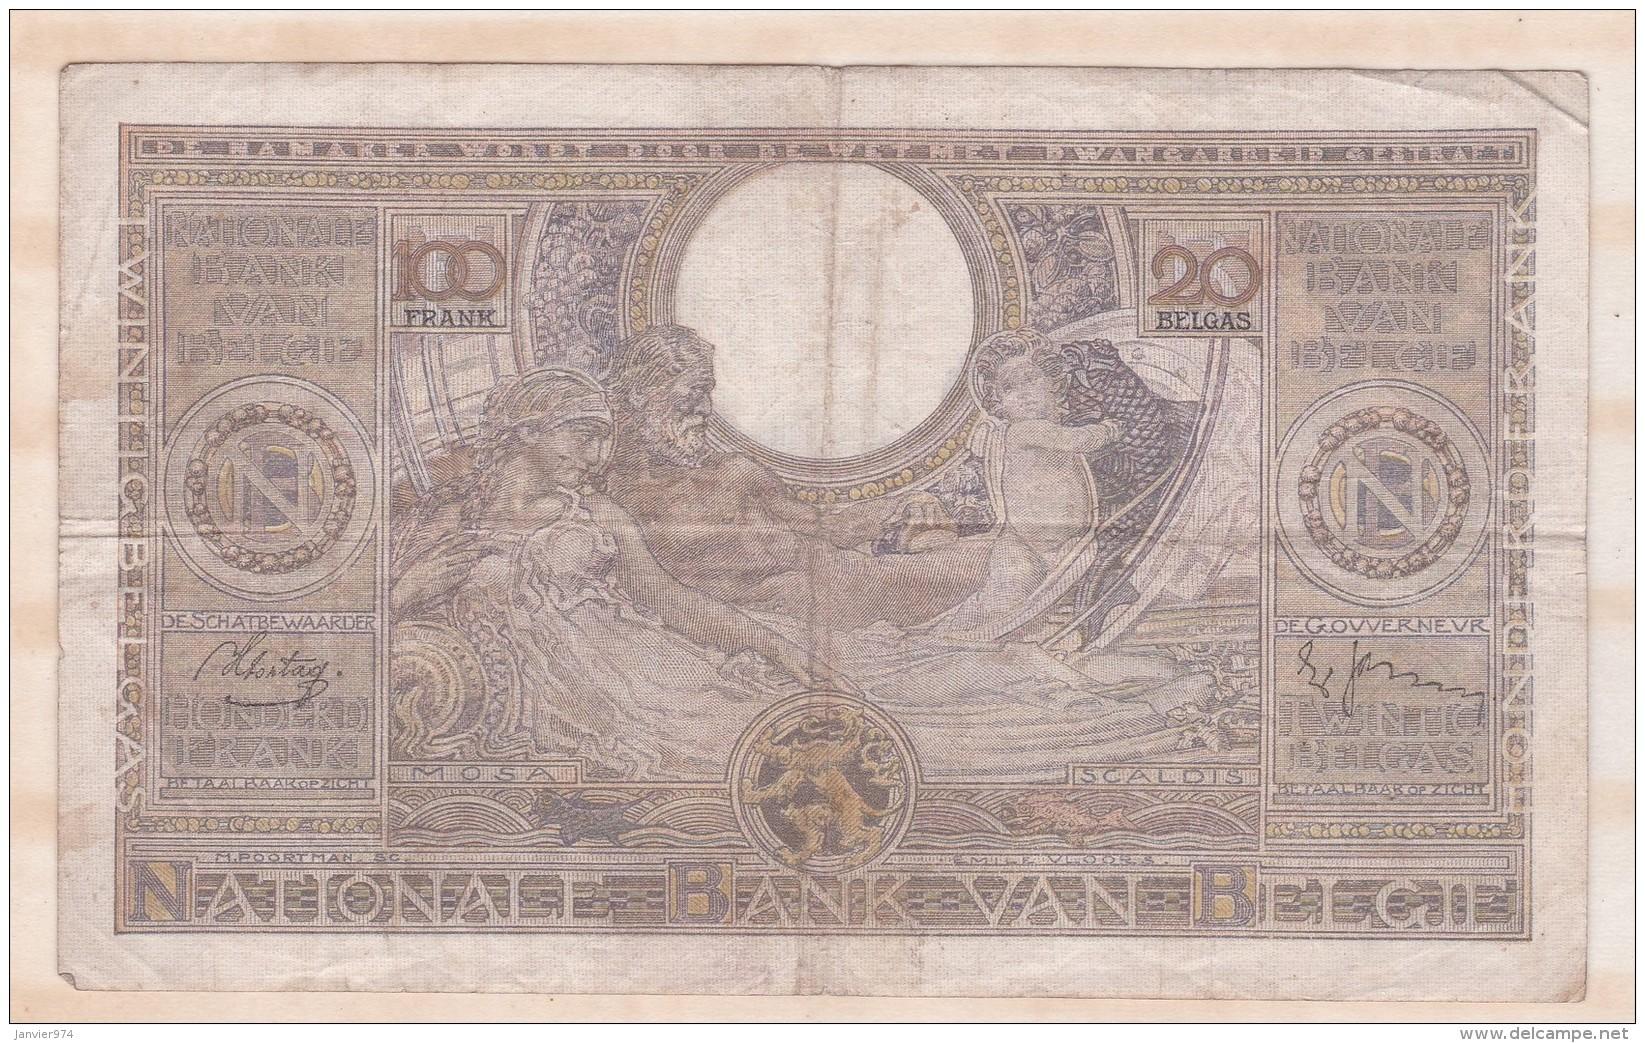 Belgique 100 FRANCS / 20 BELGAS  15. 06 1938. - 100 Franchi & 100 Franchi-20 Belgas